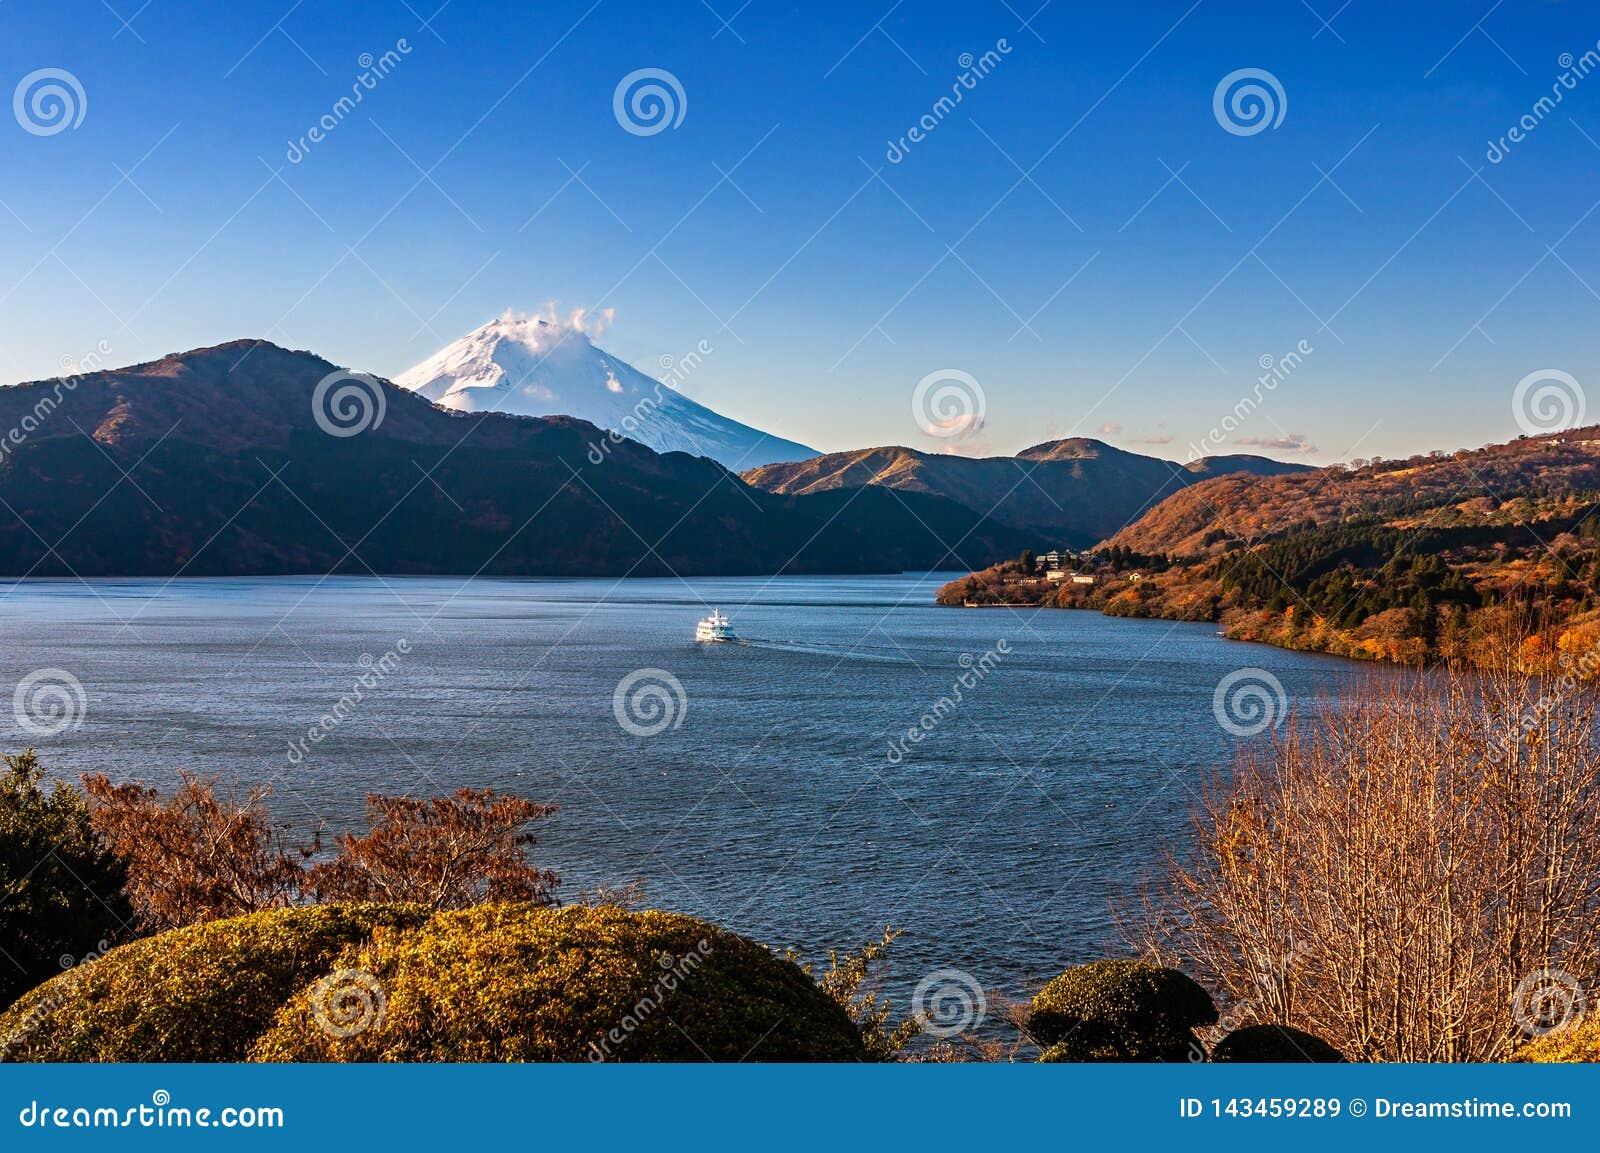 Fujisan-, See- Ashi und Hakone-Stadt mit dem touristischem Bootskreuzen